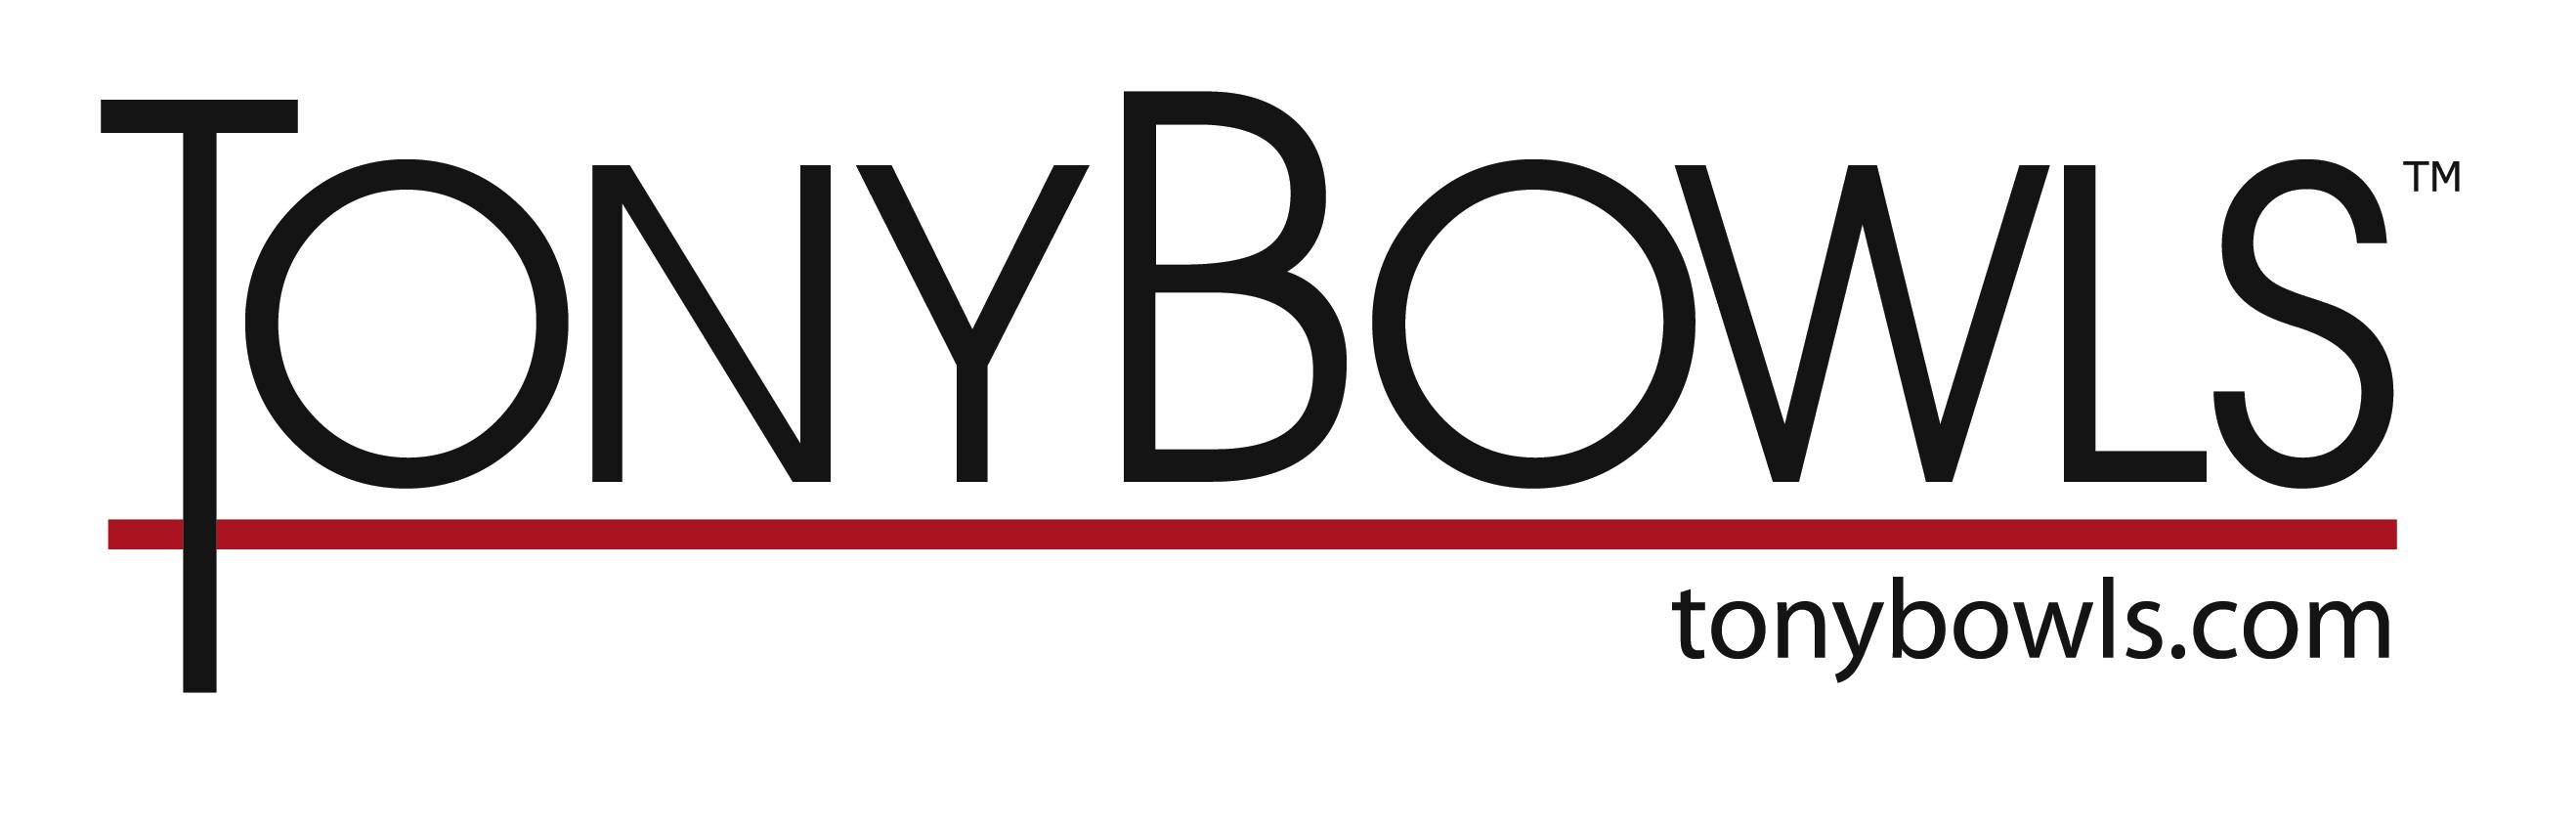 tonybowls.png